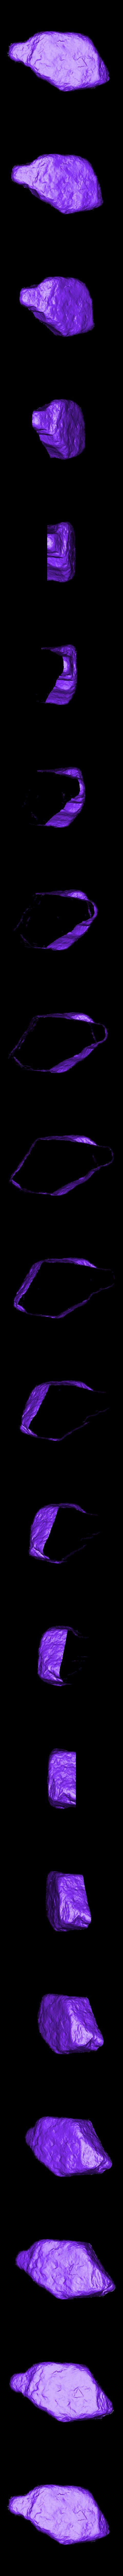 1x-r0_b_original-100.8x26.9x58.3mm.stl Télécharger fichier STL gratuit Deux pierres / roches • Modèle à imprimer en 3D, MaterialsToBuils3D